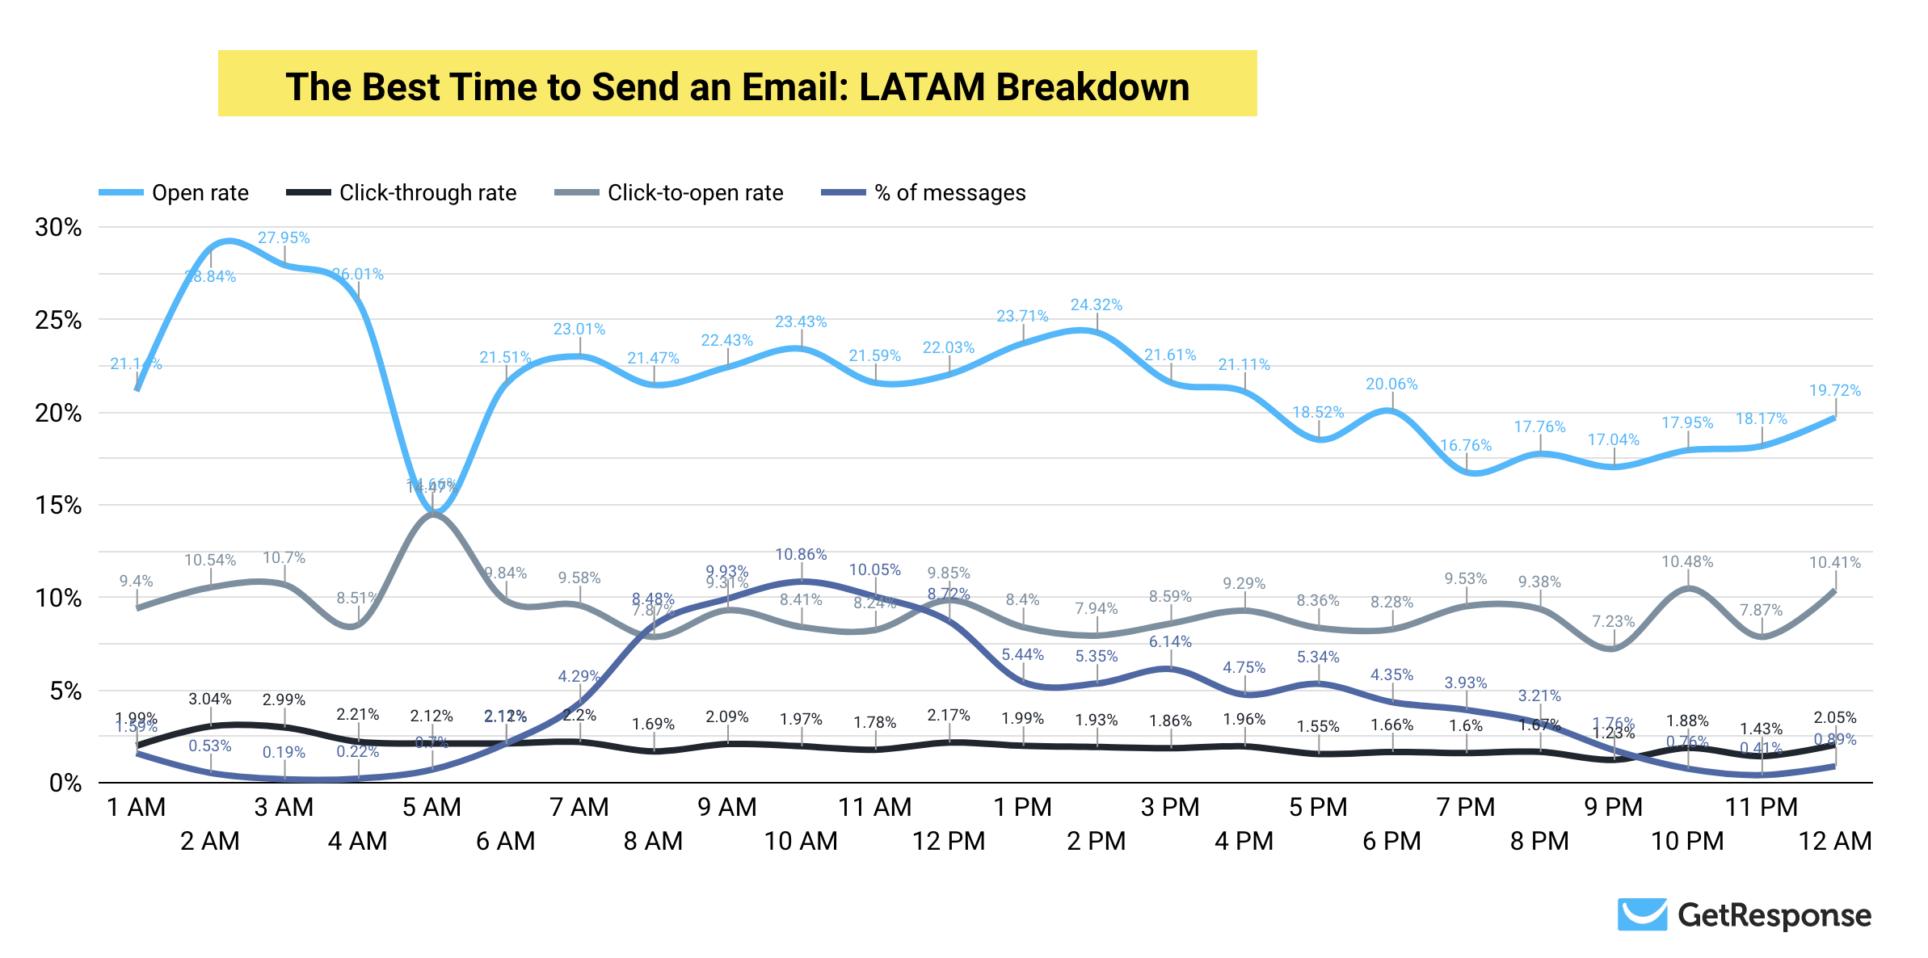 Лучшее время для доставки: разбивка результатов для LATAM